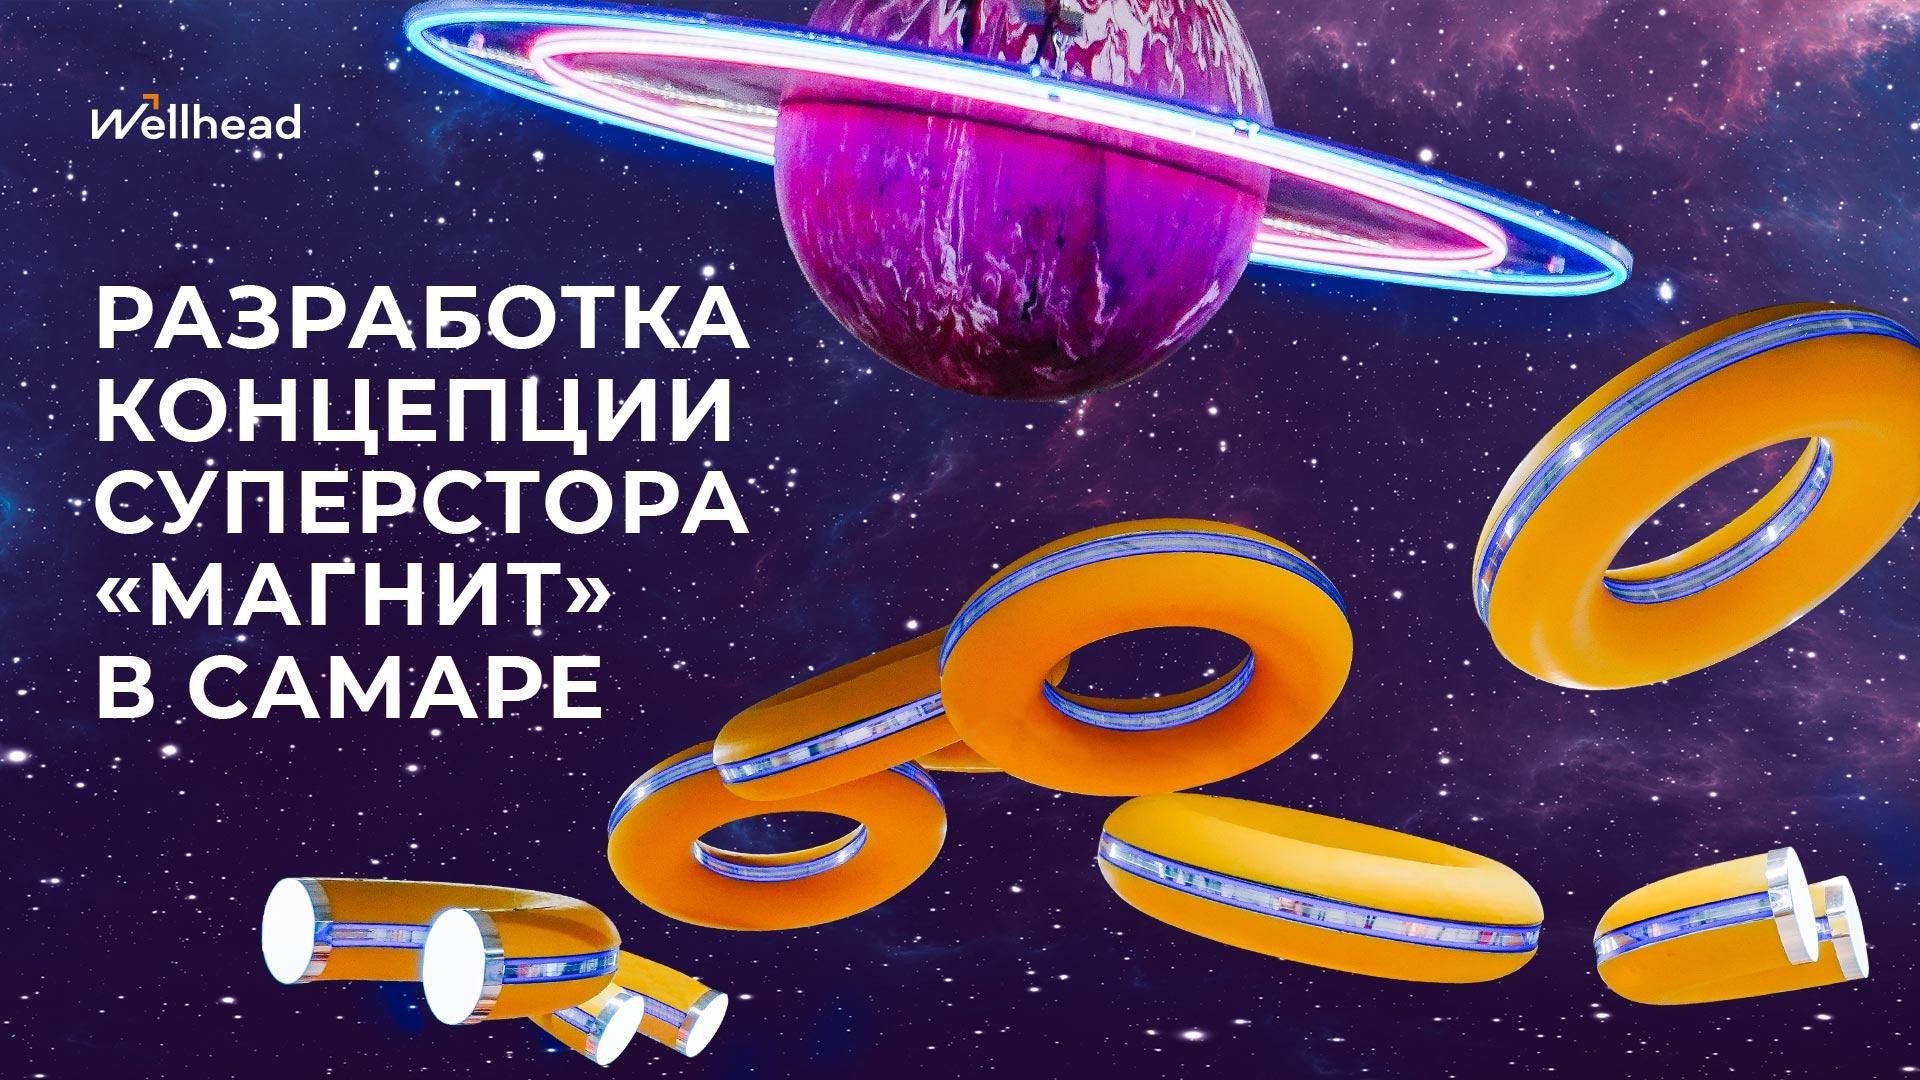 Суперстор «Магнит» в Самаре